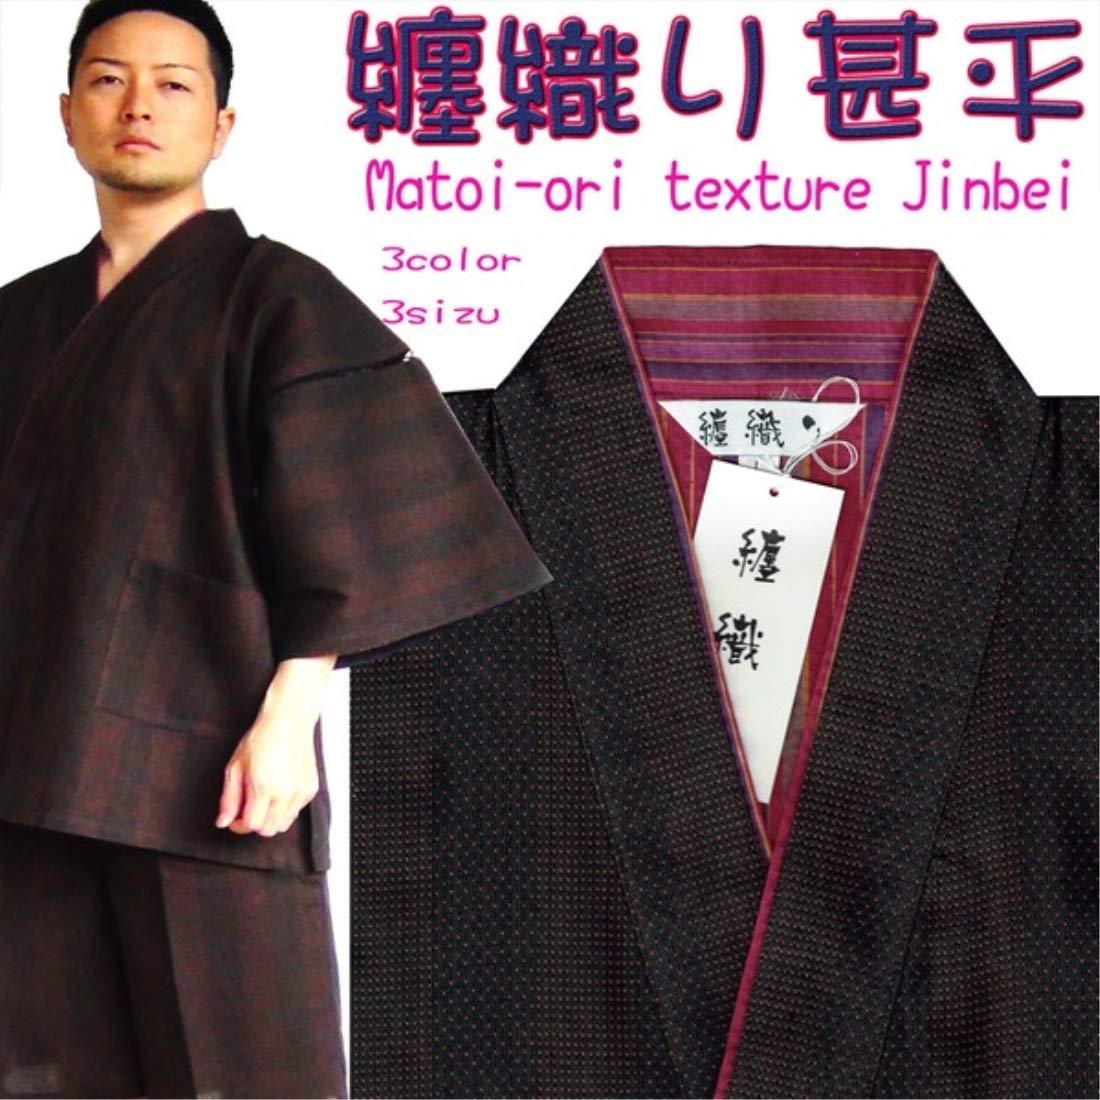 日用品 浴衣 関連商品 纏(まとい)織甚平 濃 茶 LL B076V2NQD9